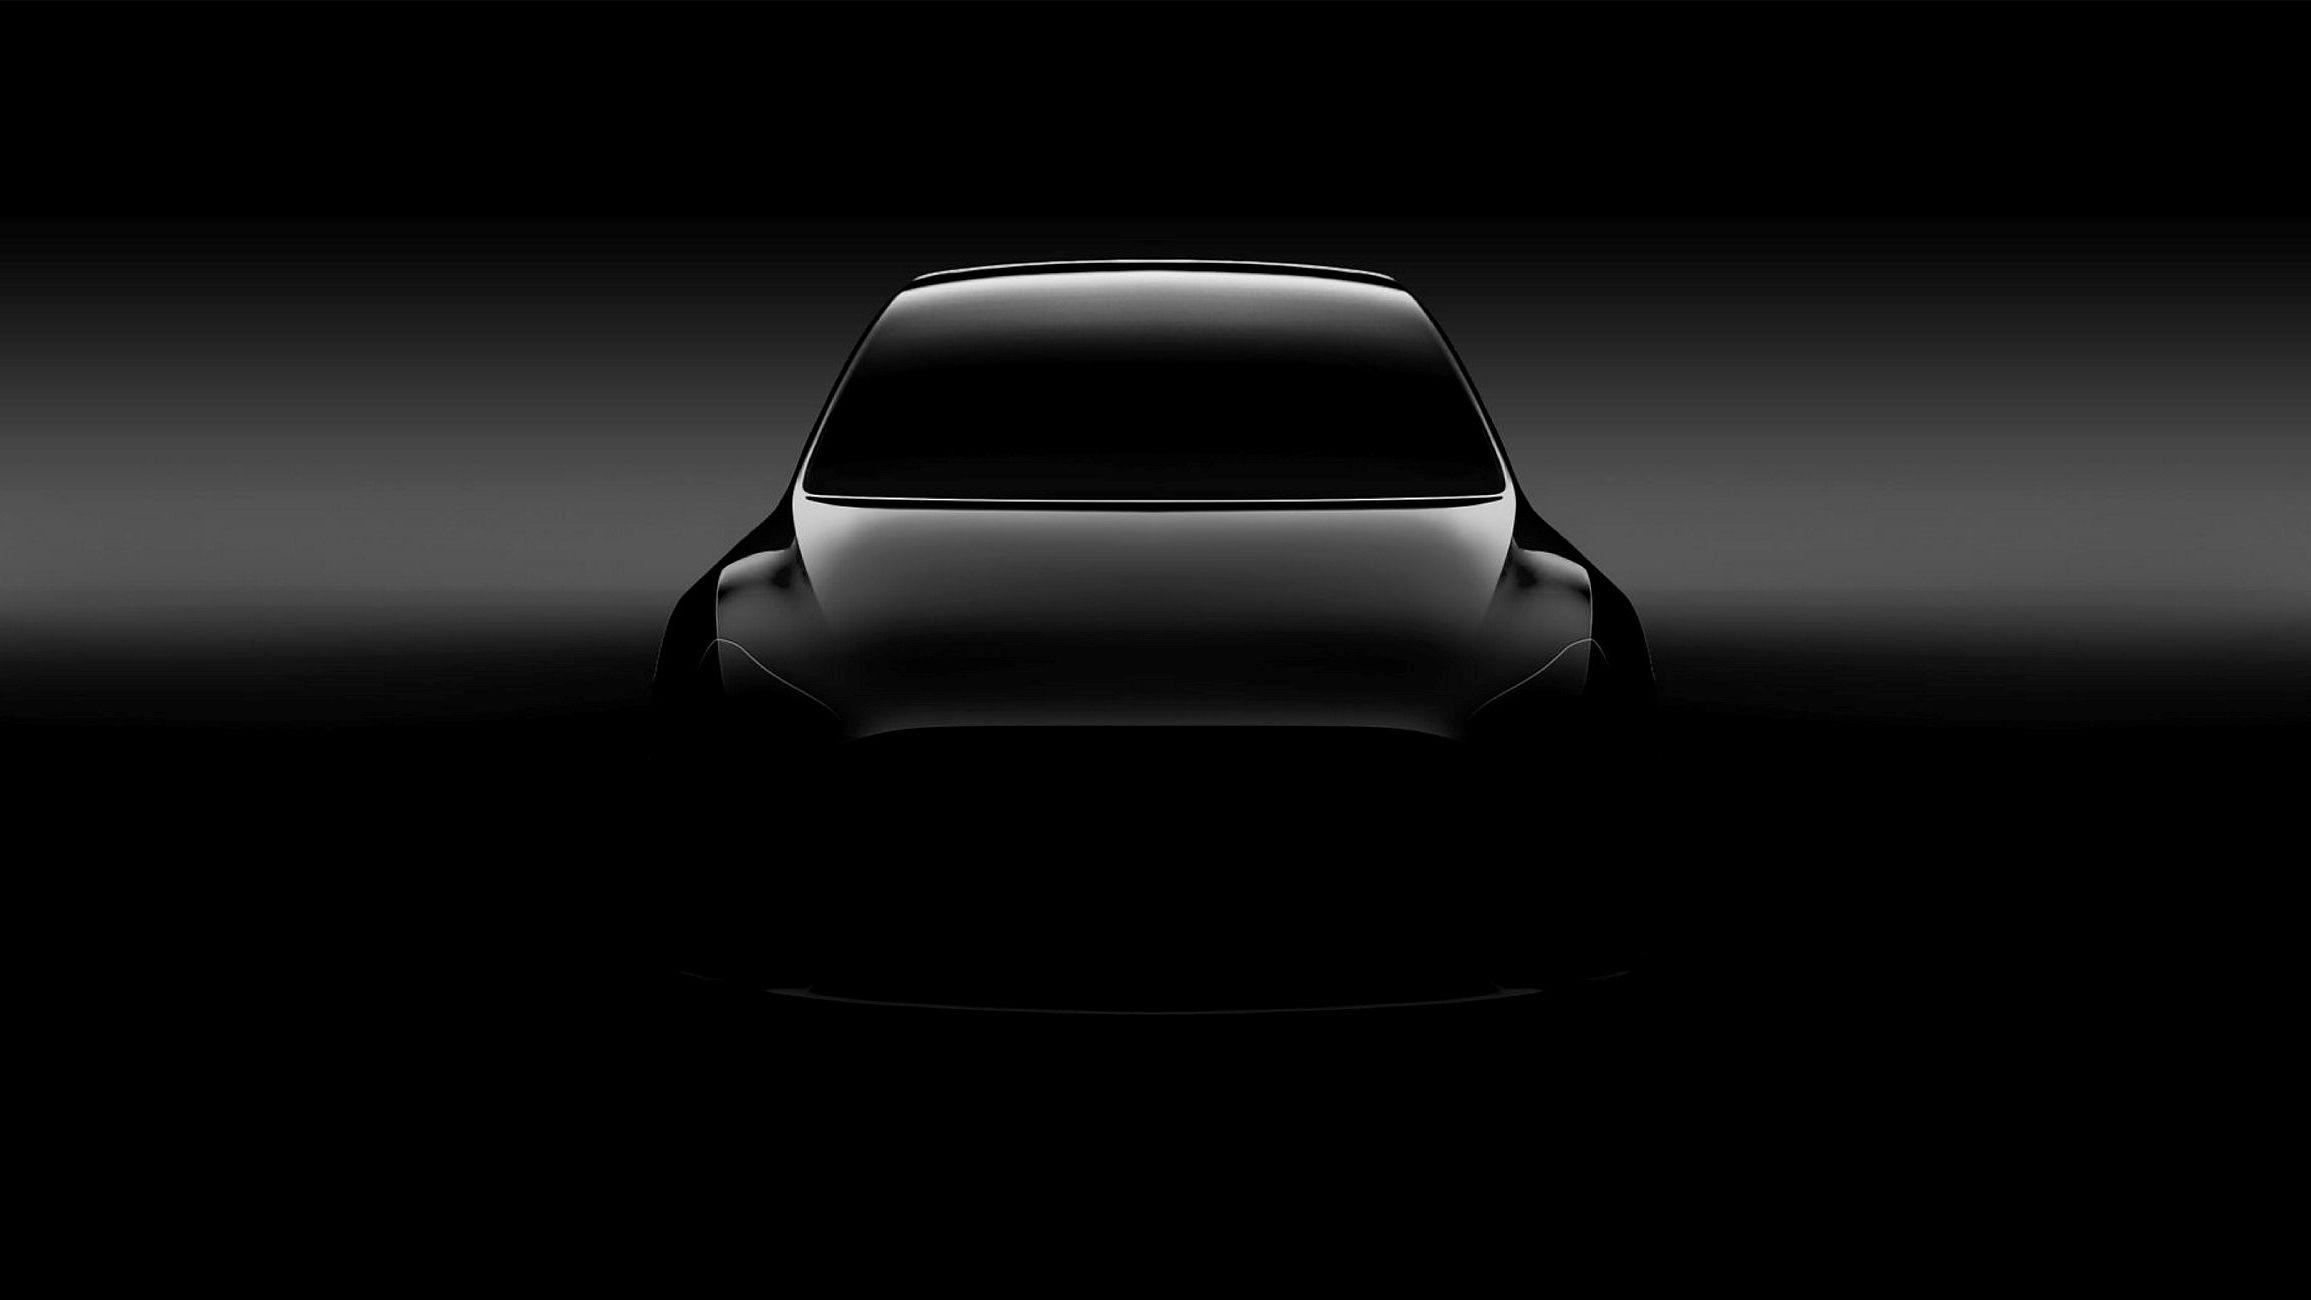 Det første bildet av Tesla Model Y avslører ikke så mye annet enn at den mangler sidespeil og at formen minner om Teslas øvrige modeller.